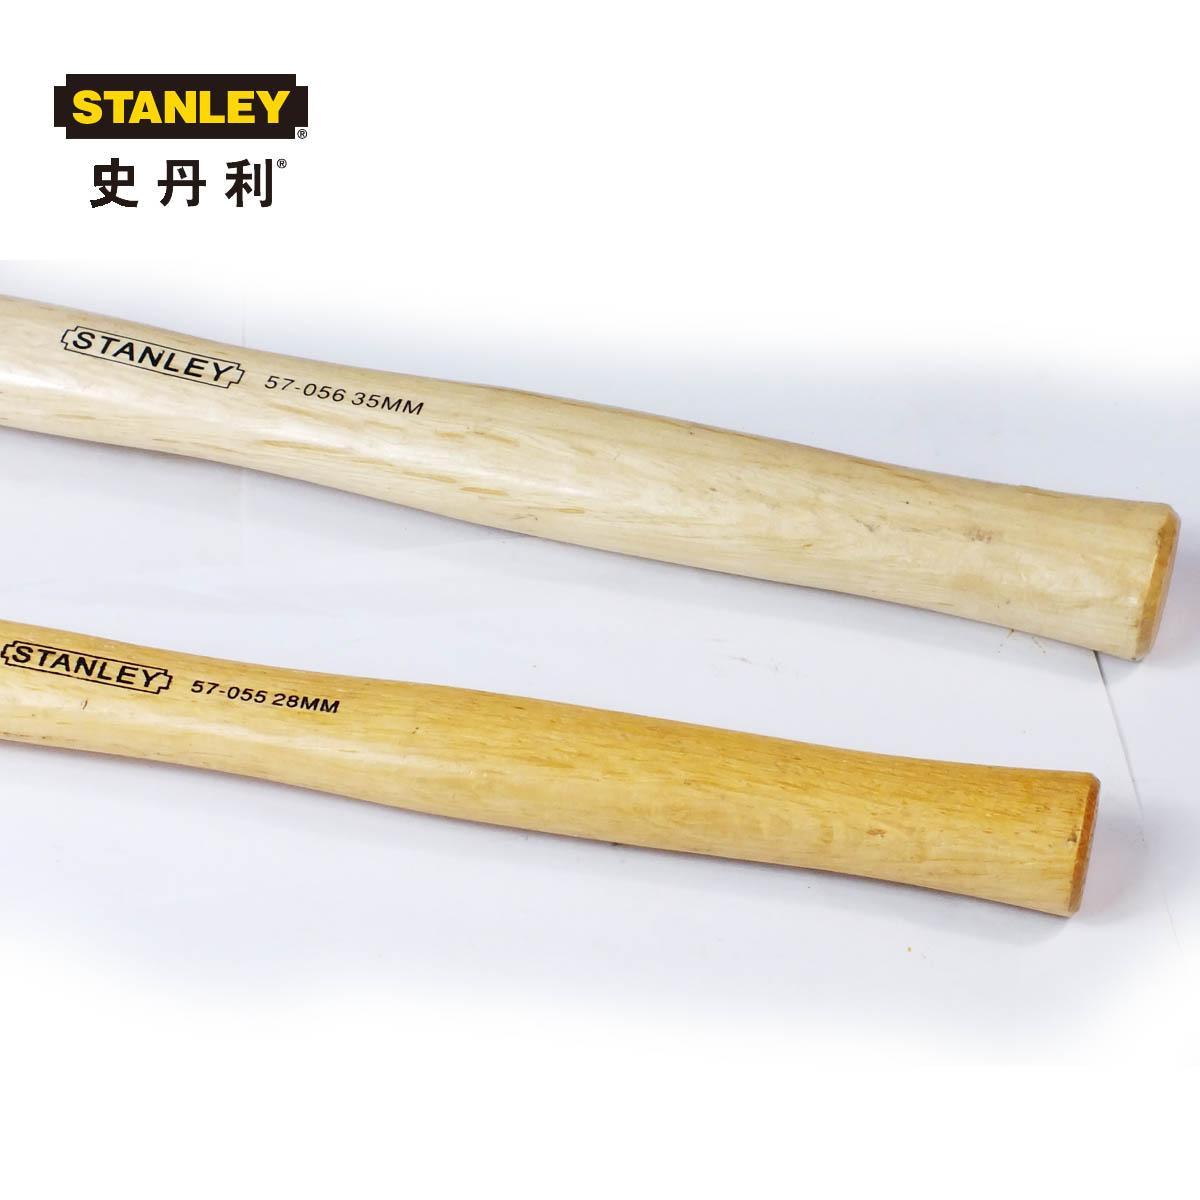 Stanley montado el martillo de madera pegar el martillo Martillo de Goma de caucho pequeña piel martillo martillo Martillo de Goma